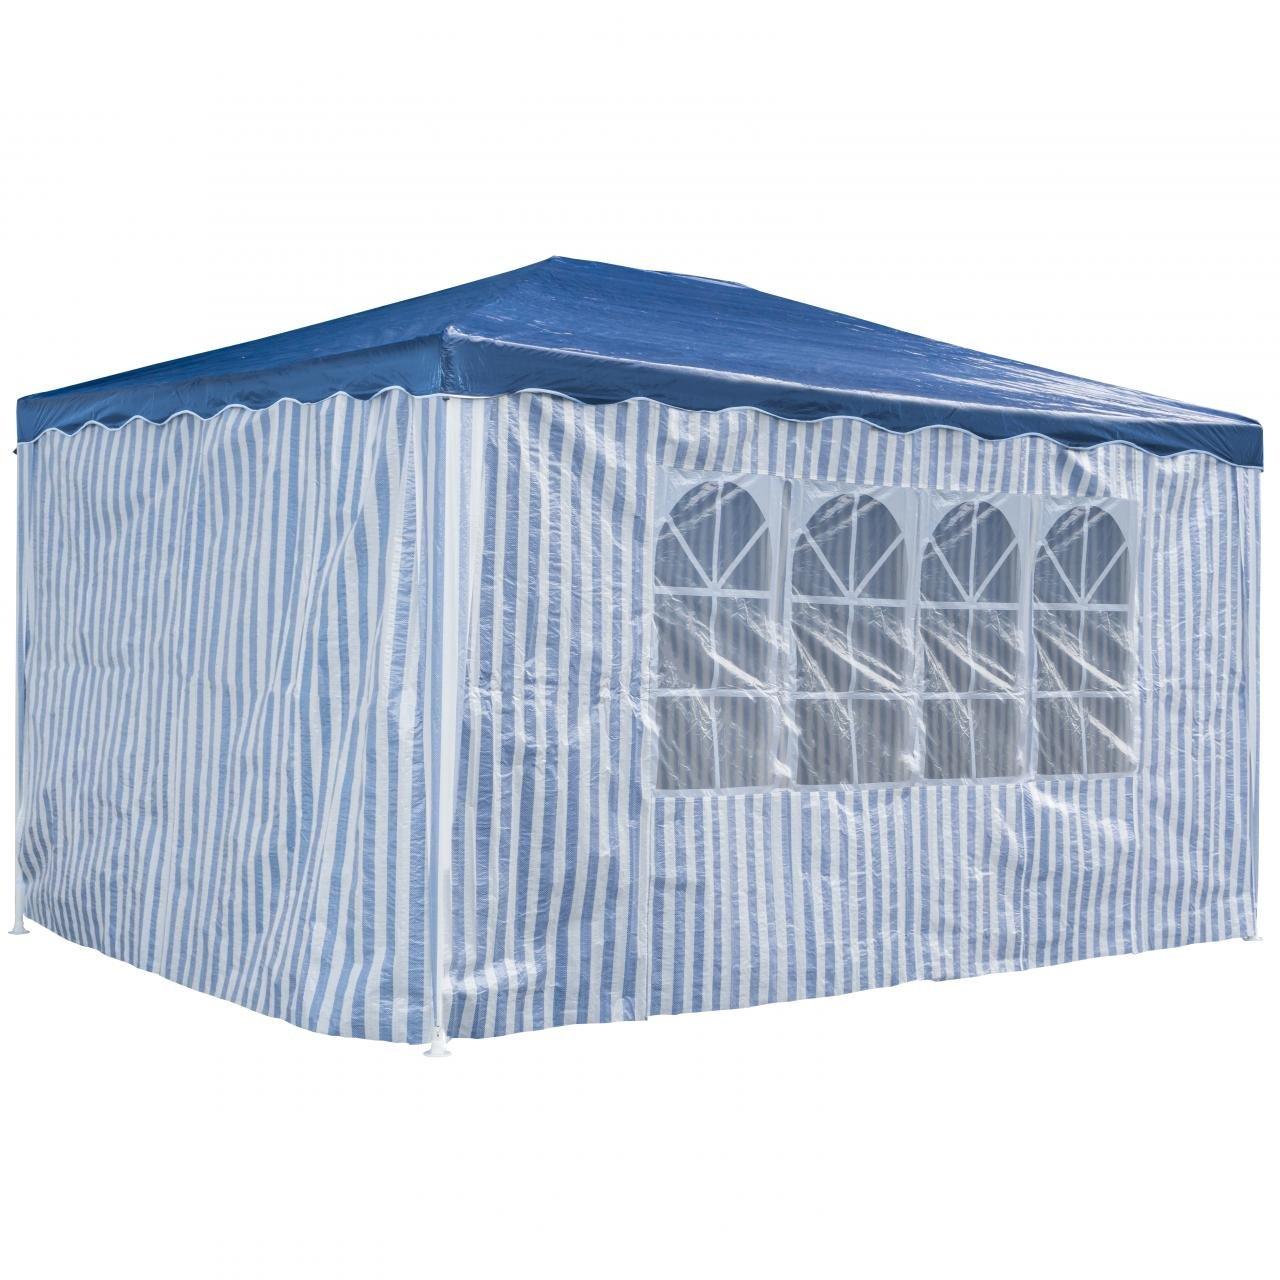 PRIMOPET Partyzelt 3 x 4 m Festzelt Gartenzelt Bierzelt Pavillon Gartenpavillon mit 4 Seitenwänden Blau gestreift